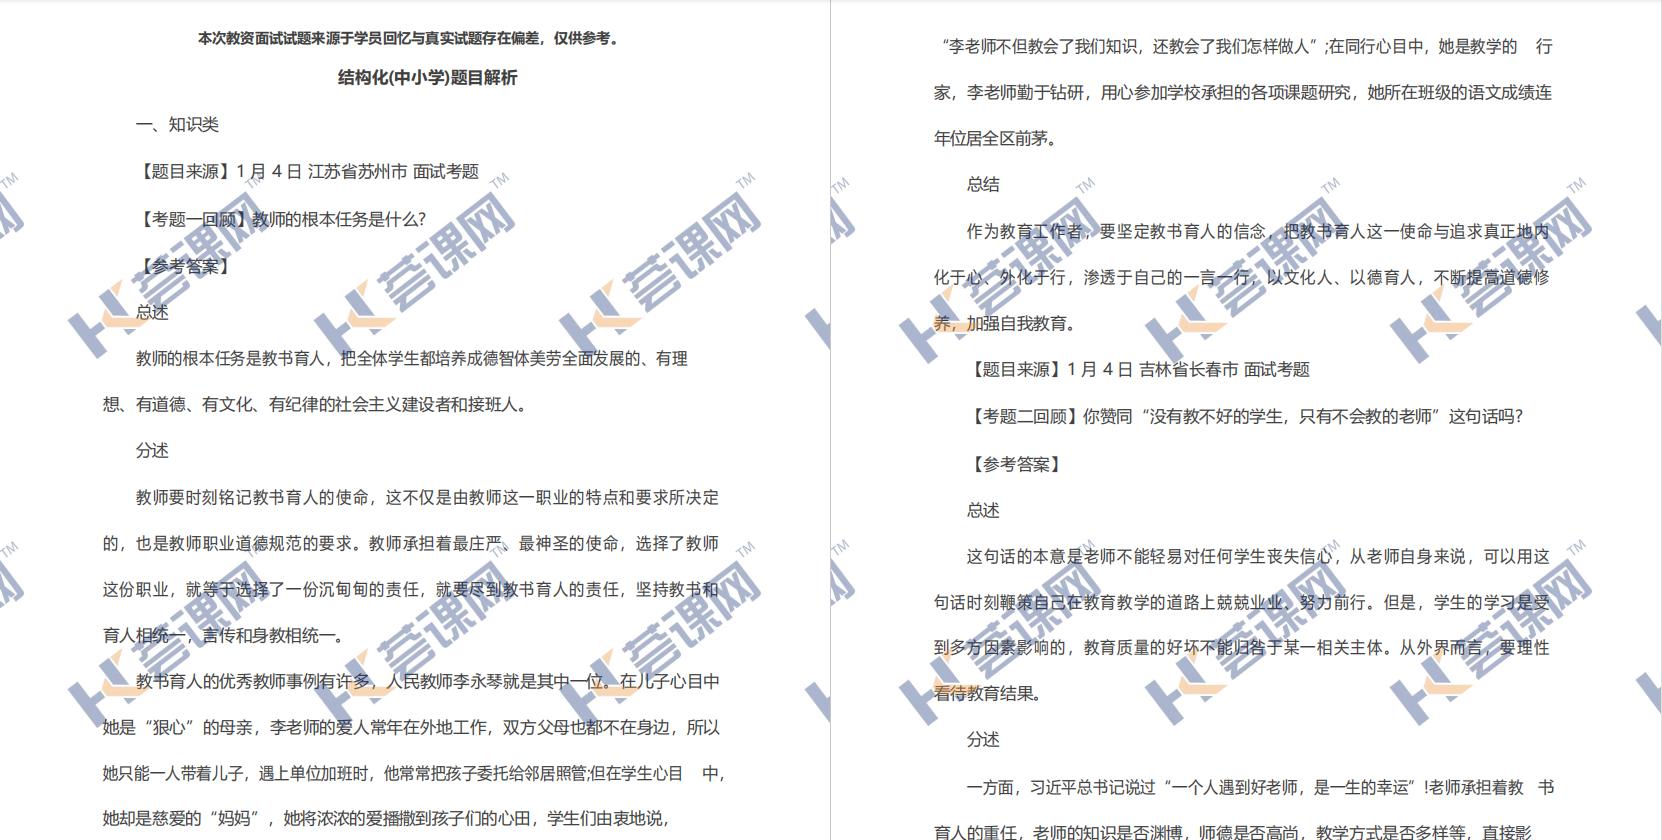 2019下半年教资(中小学结构化)面试试题在线下载